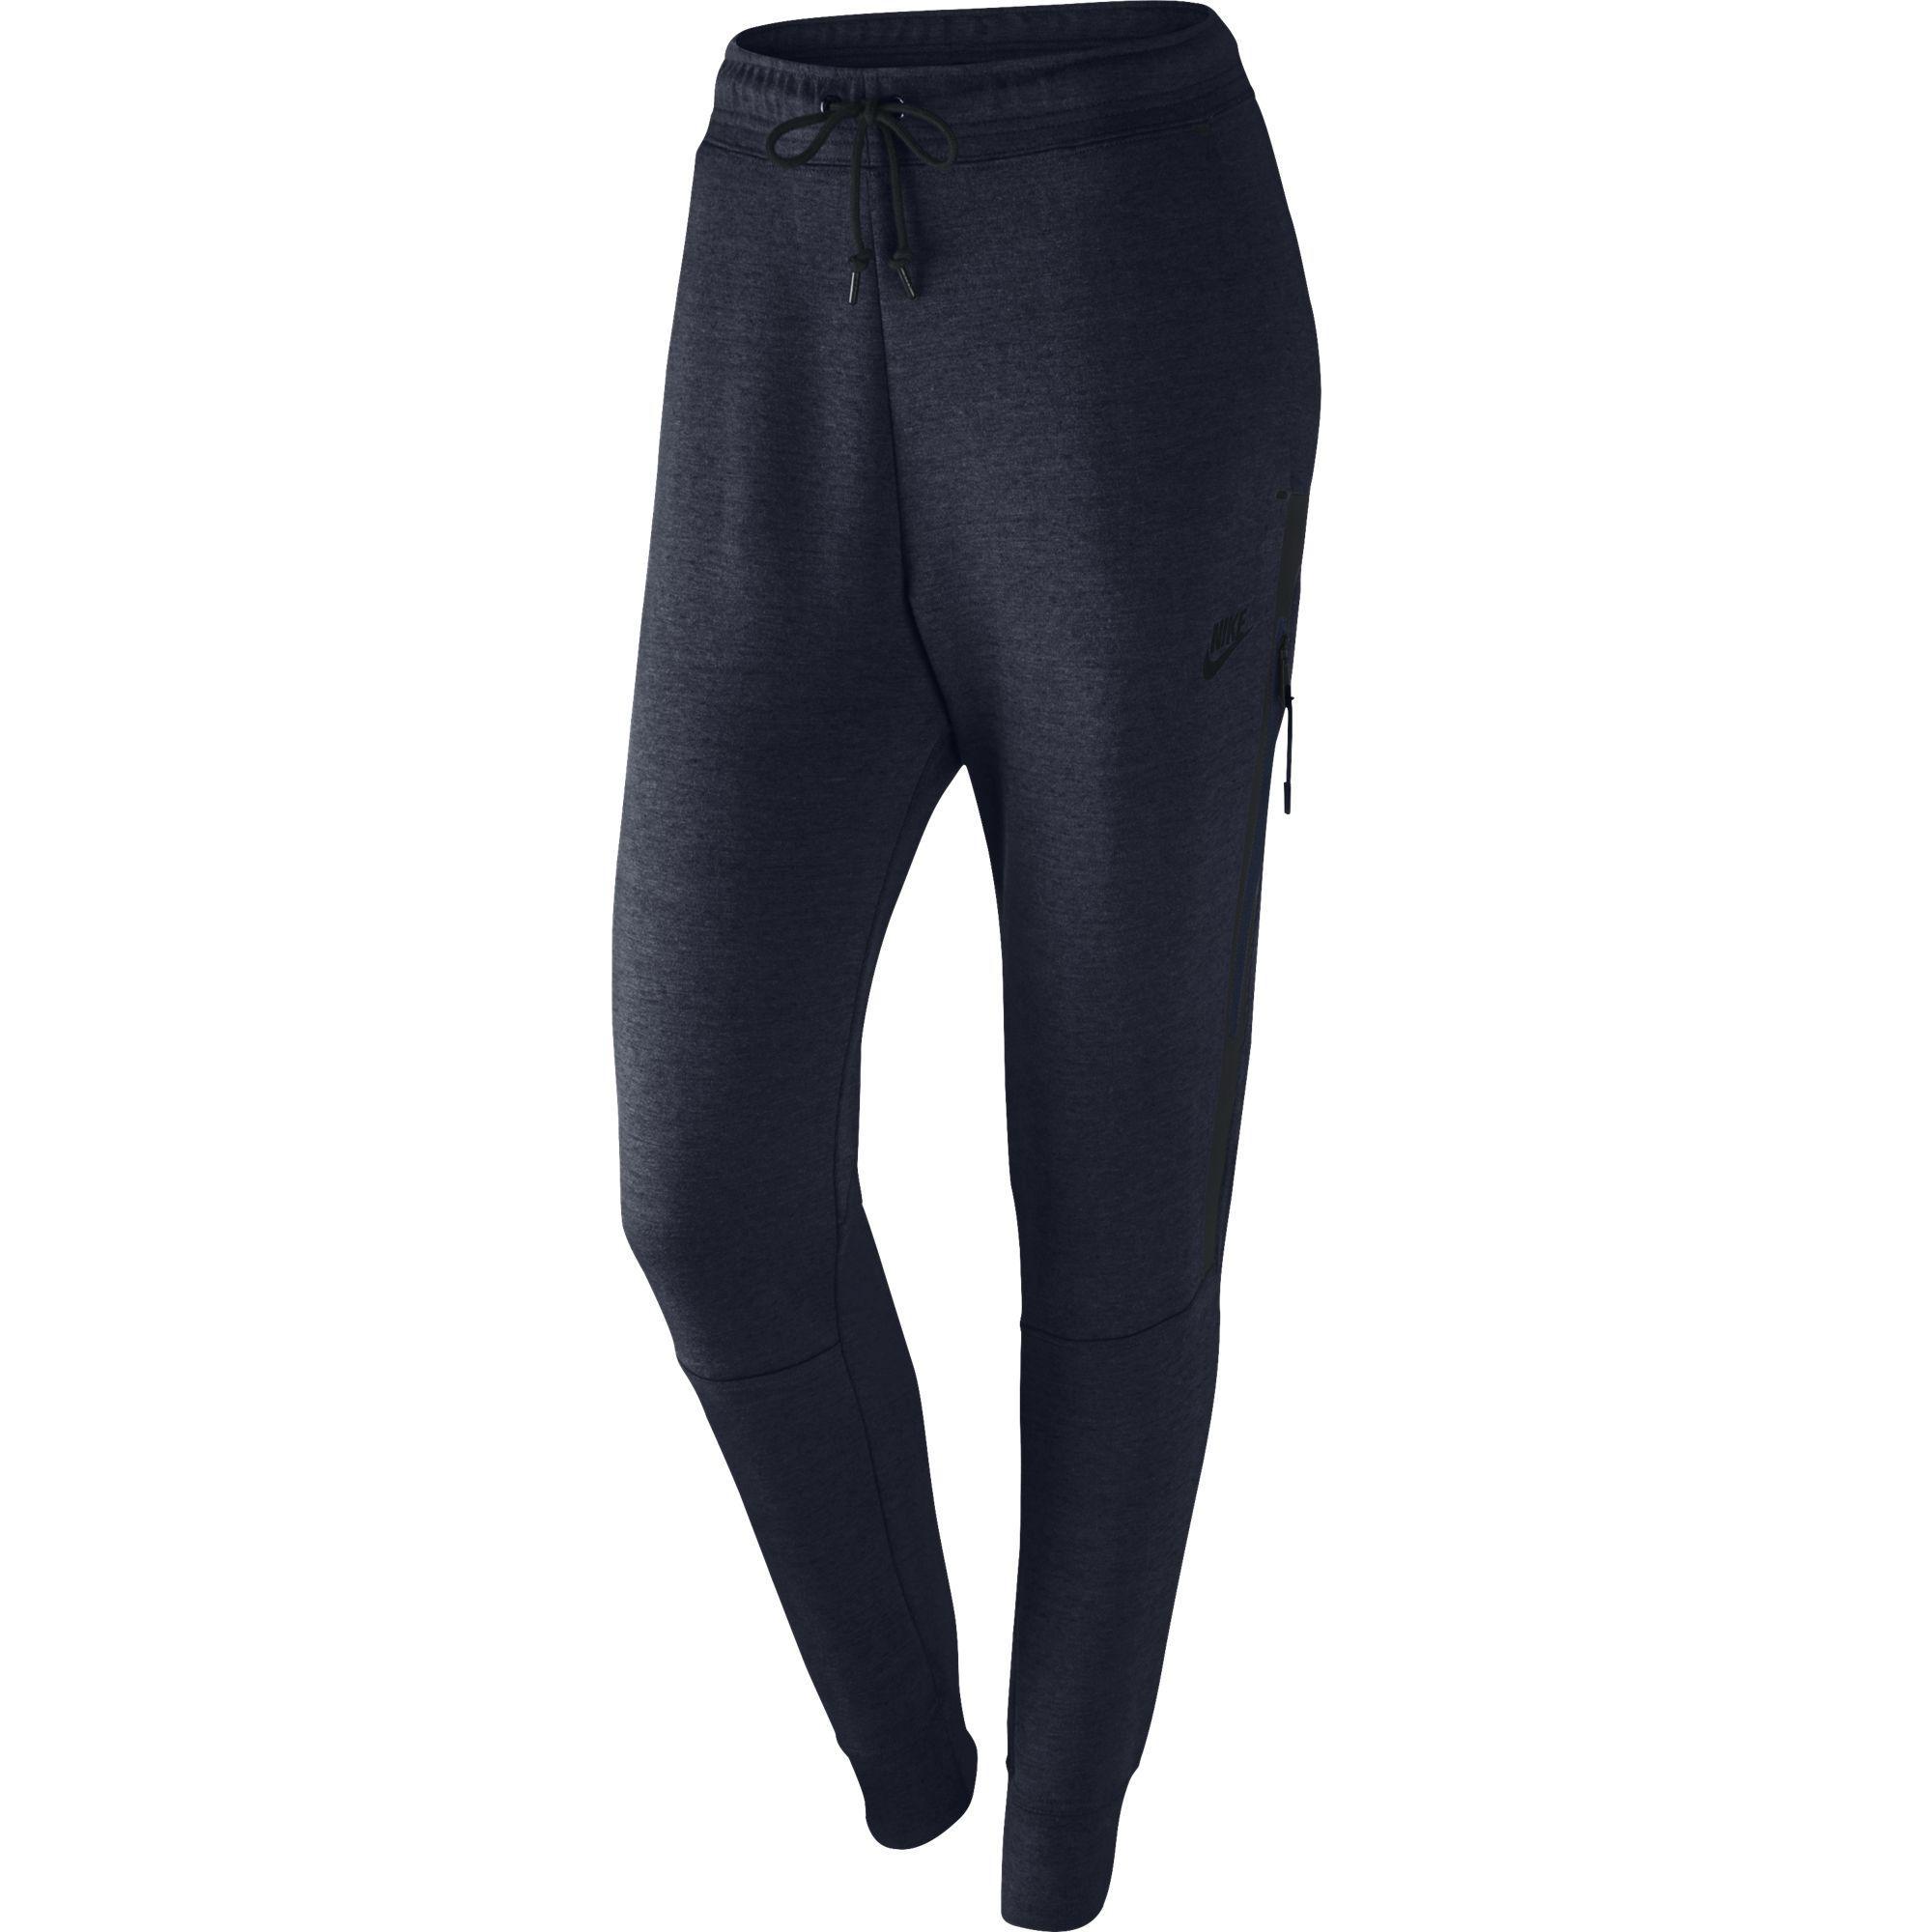 Nike Womens Tech Fleece Pants - Obsidian Heather/Obsidian/Black